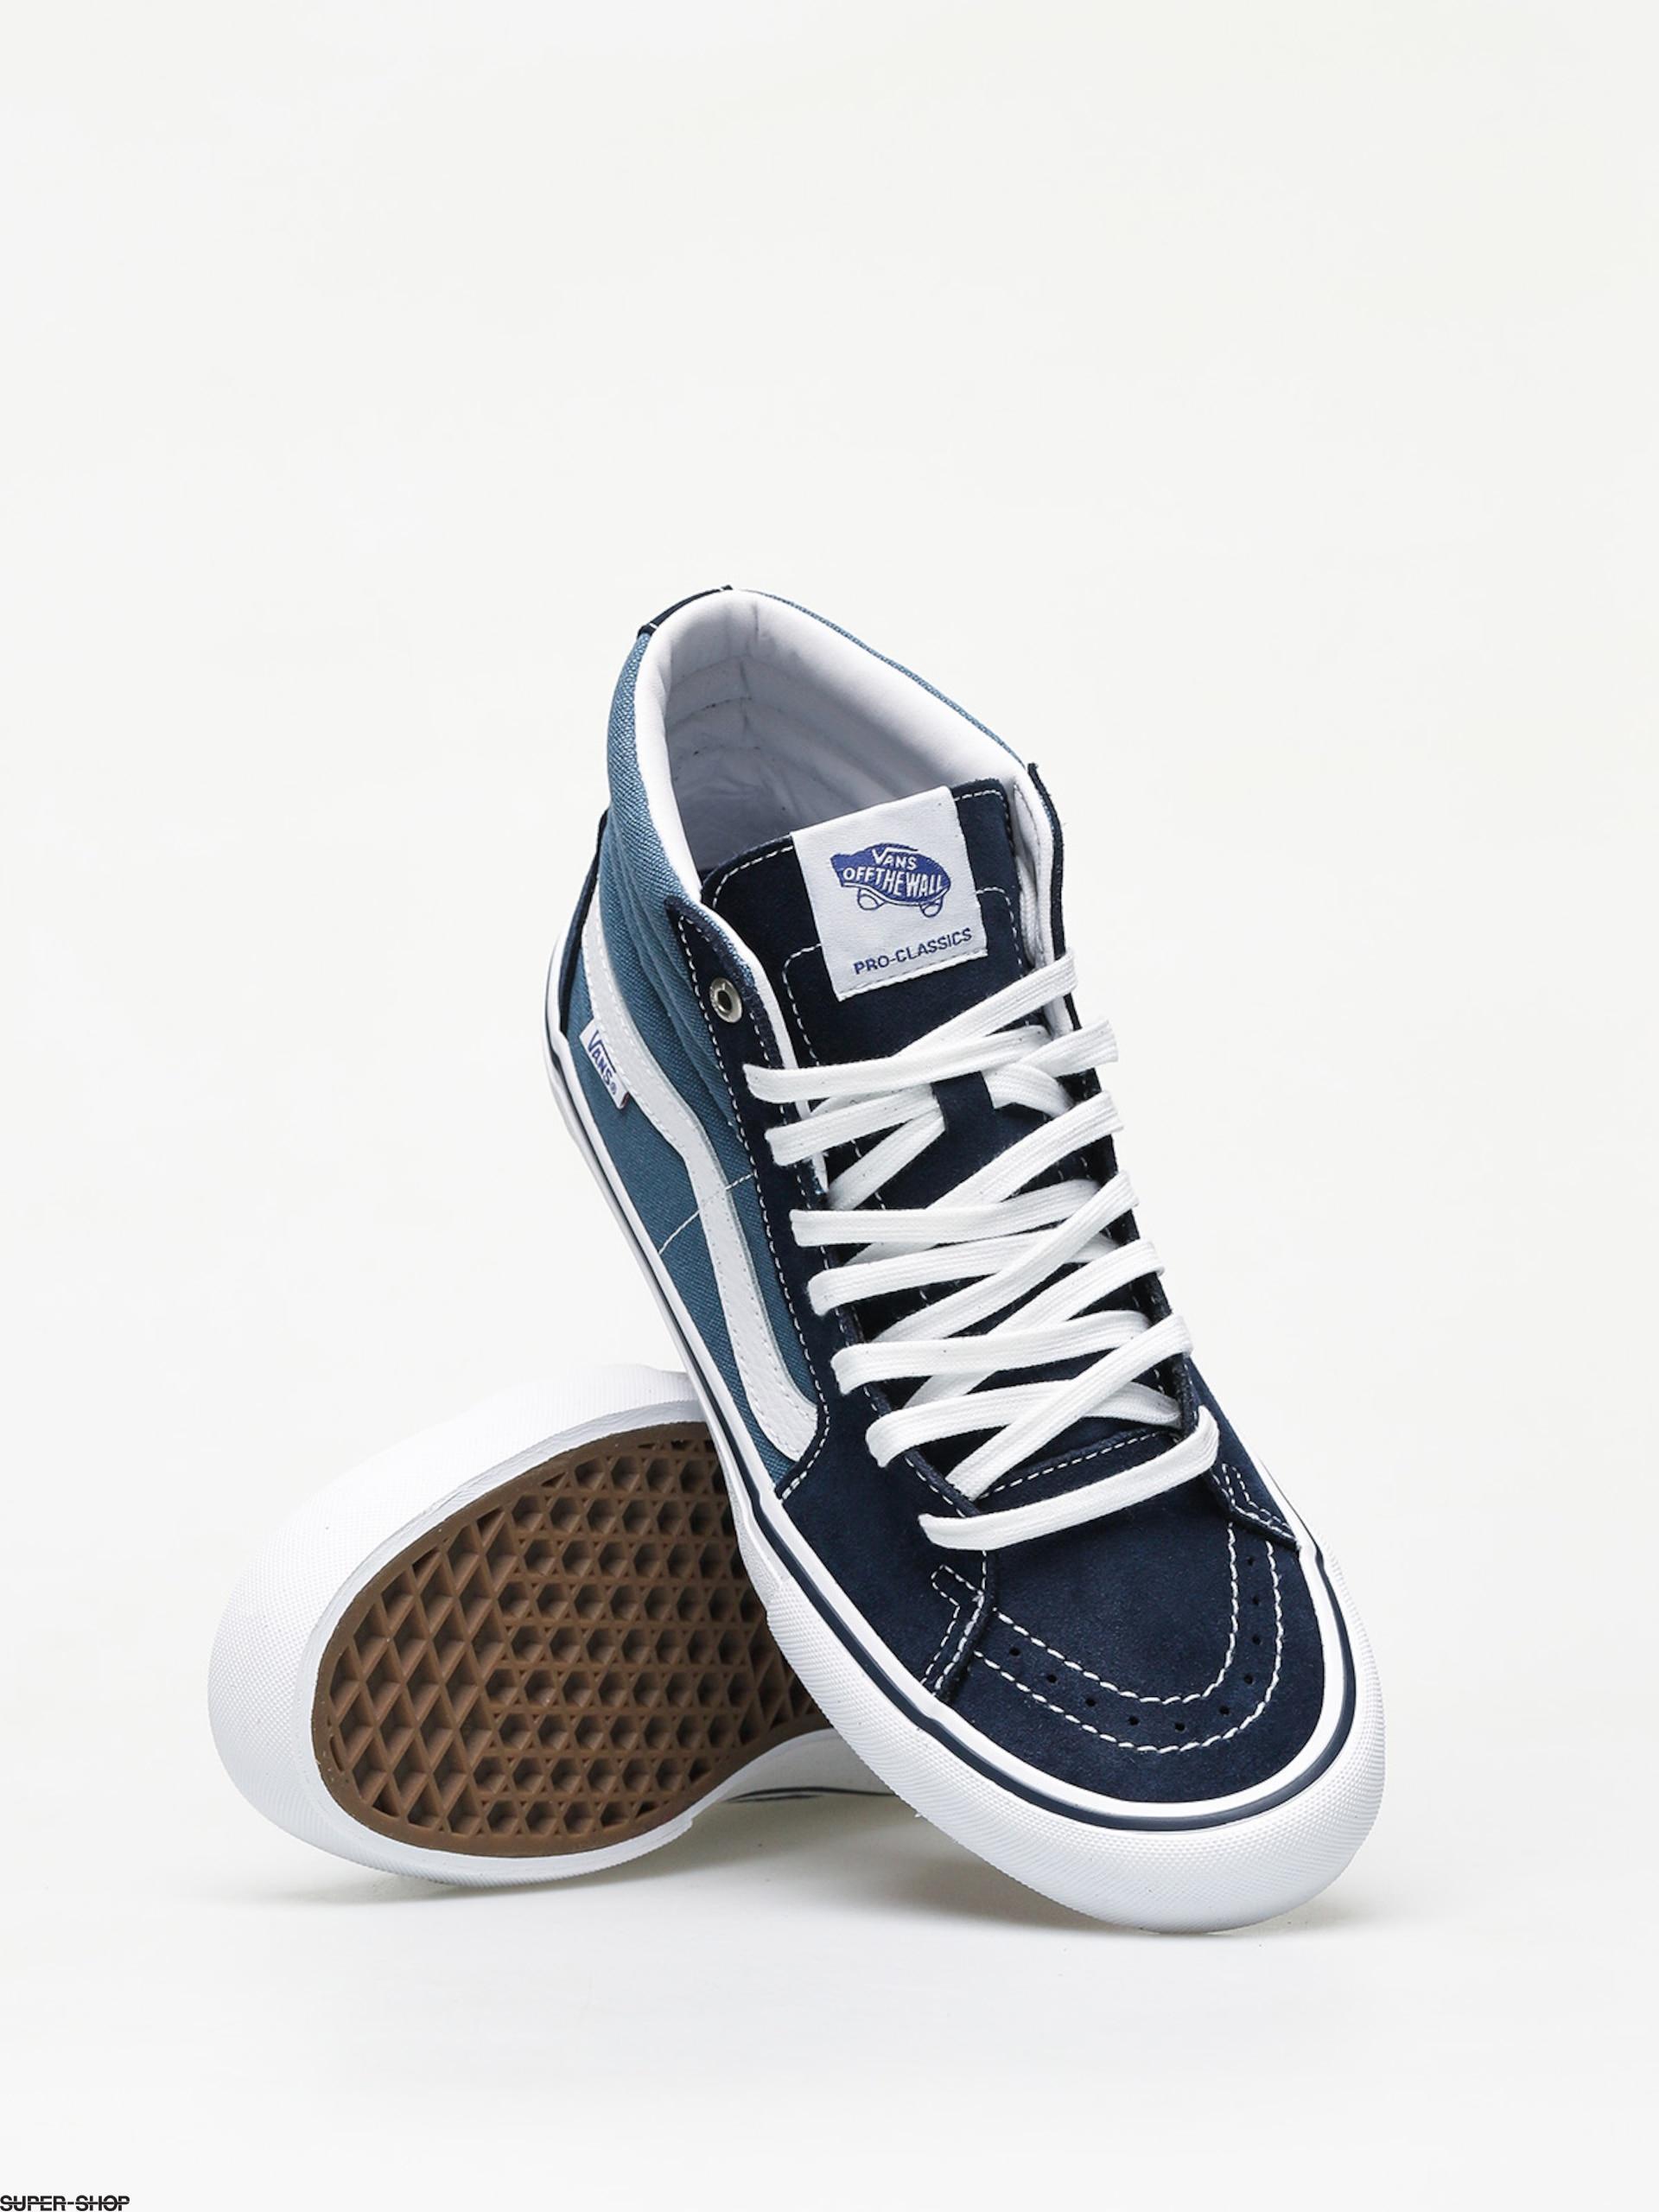 Vans Sk8 Hi Pro Shoes (navy/stv navy)